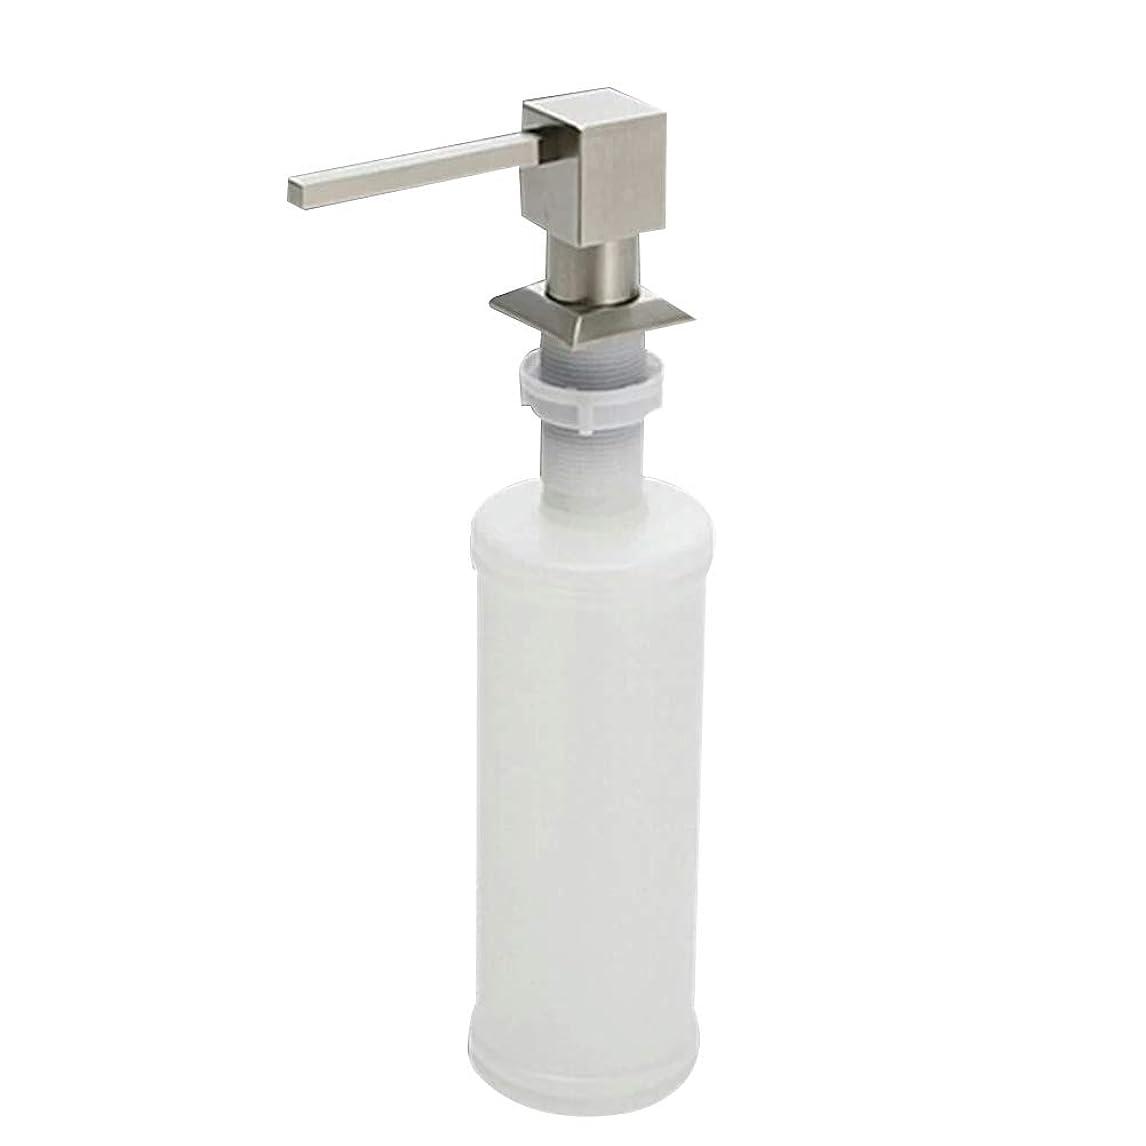 Yardwe ステンレス鋼の流しが付いている石鹸ディスペンサー台所のための石鹸ディスペンサーポンプローションのびん